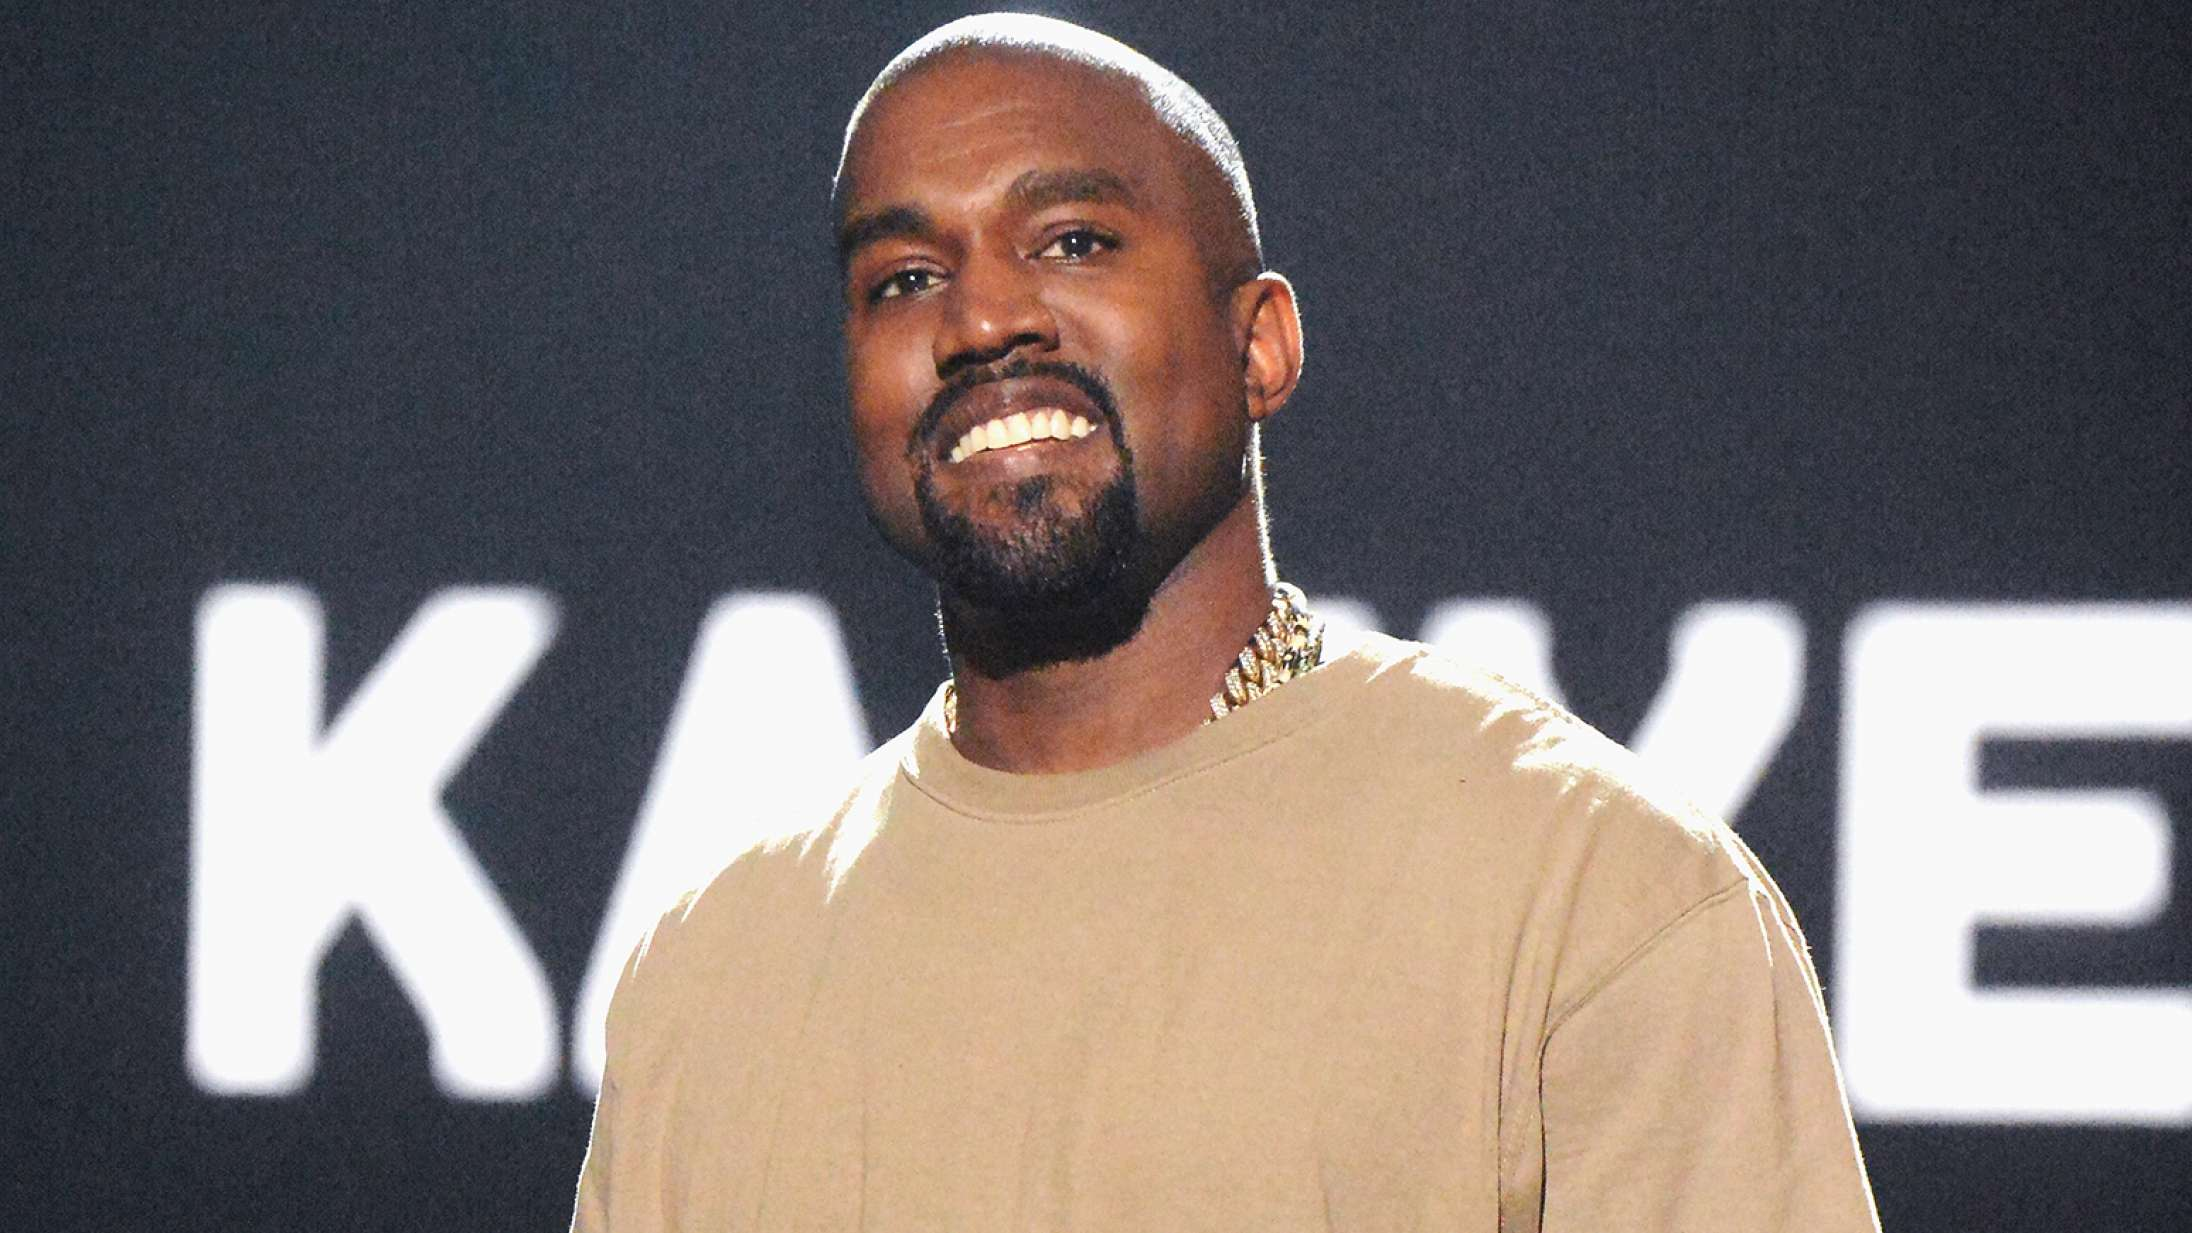 Kanye West afslører sin storstilede plan for en musikbranche-revolution i nyt interview